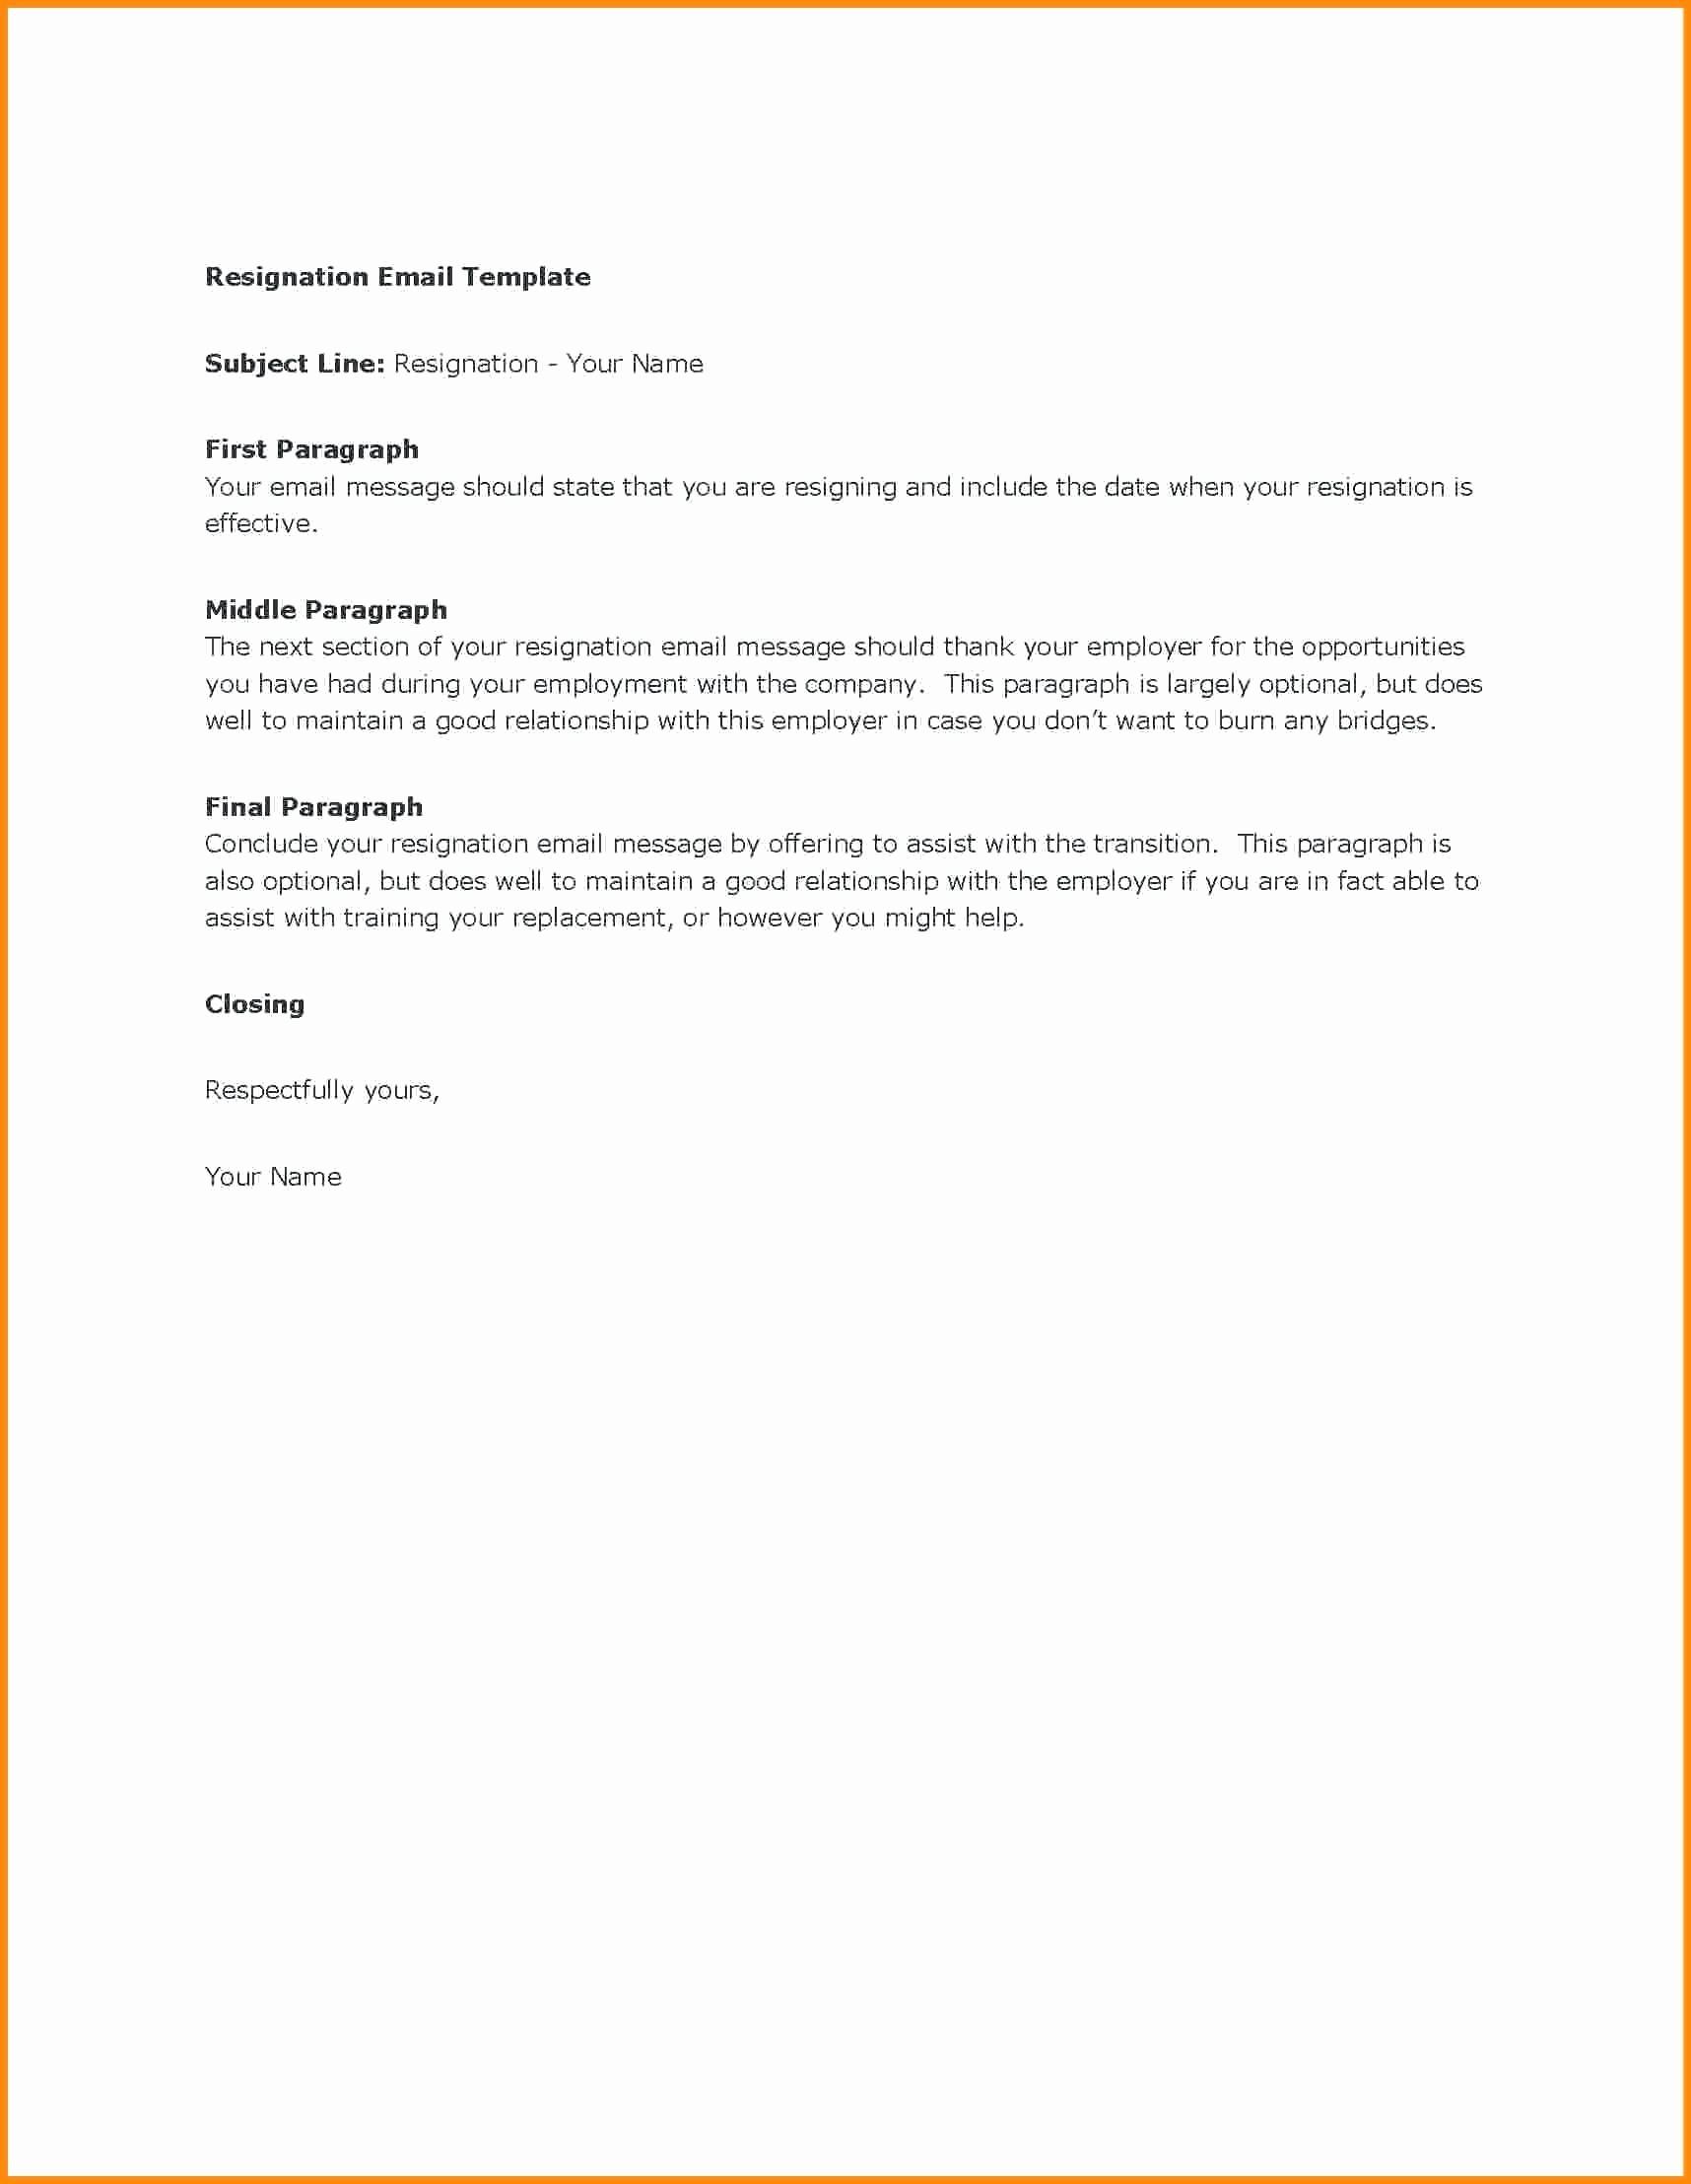 Resignation Letter Templates for Word Lovely Template Resignation Letter Word Template